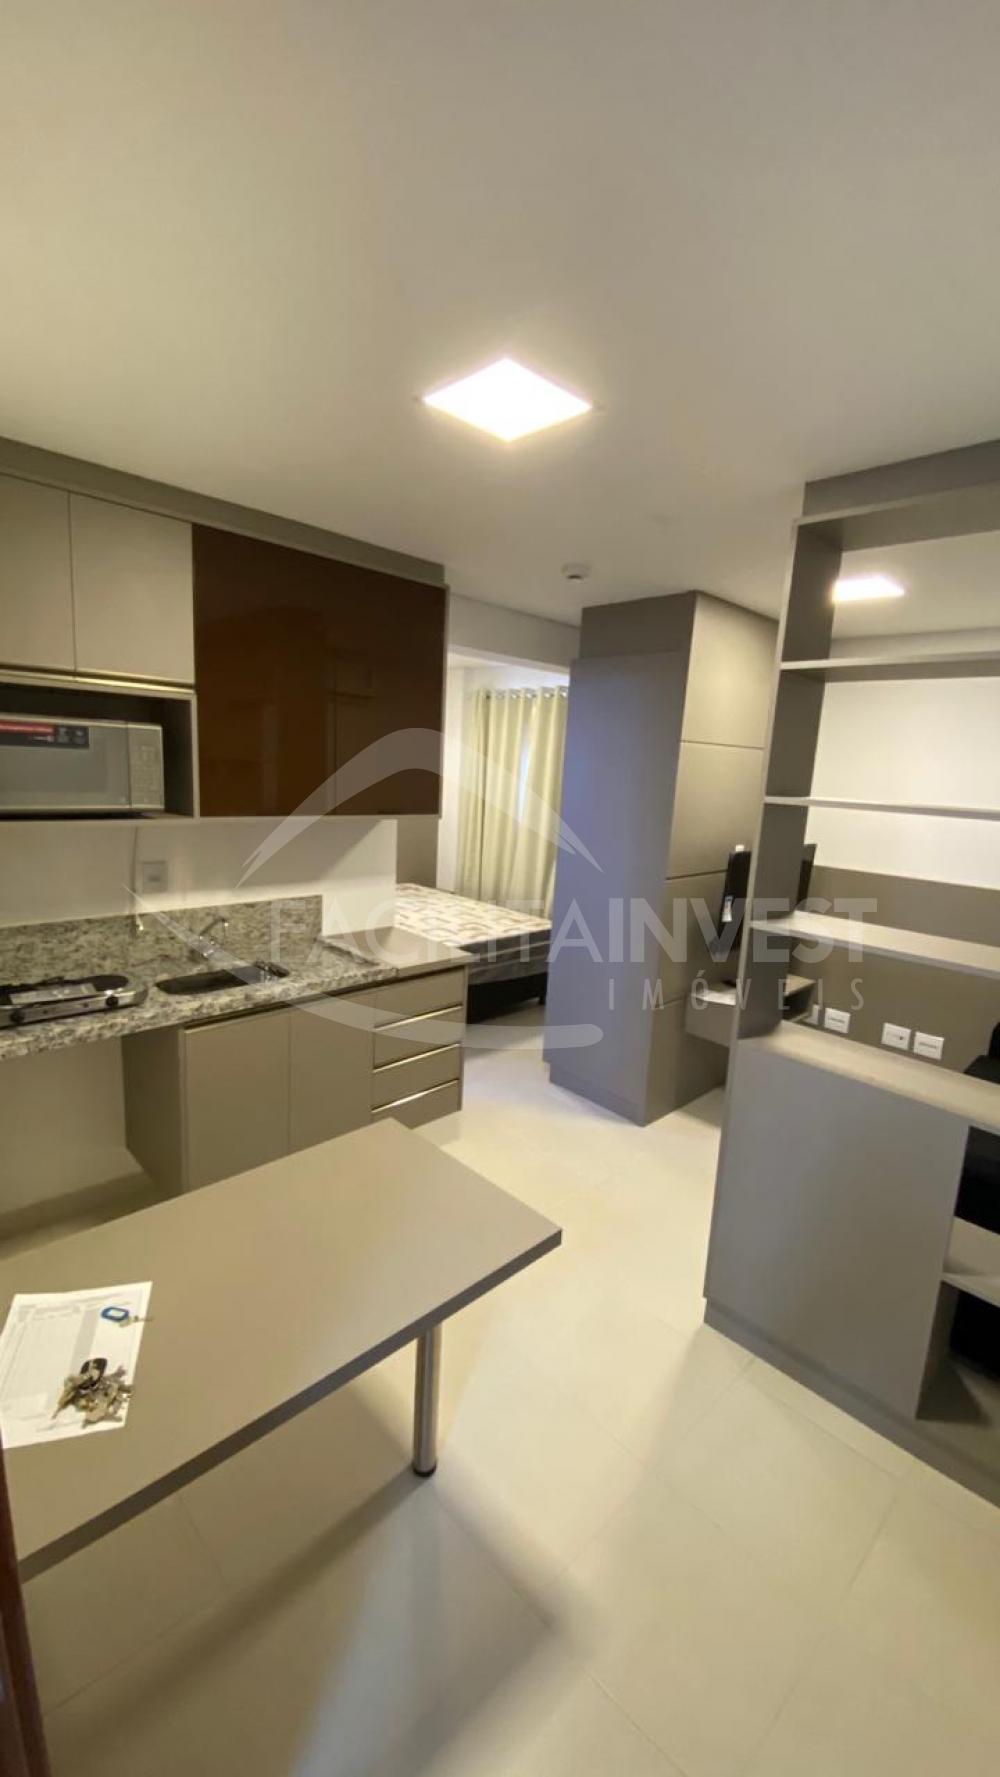 Alugar Apartamentos / Apartamento/ Flat Mobiliado em Ribeirão Preto apenas R$ 1.600,00 - Foto 1